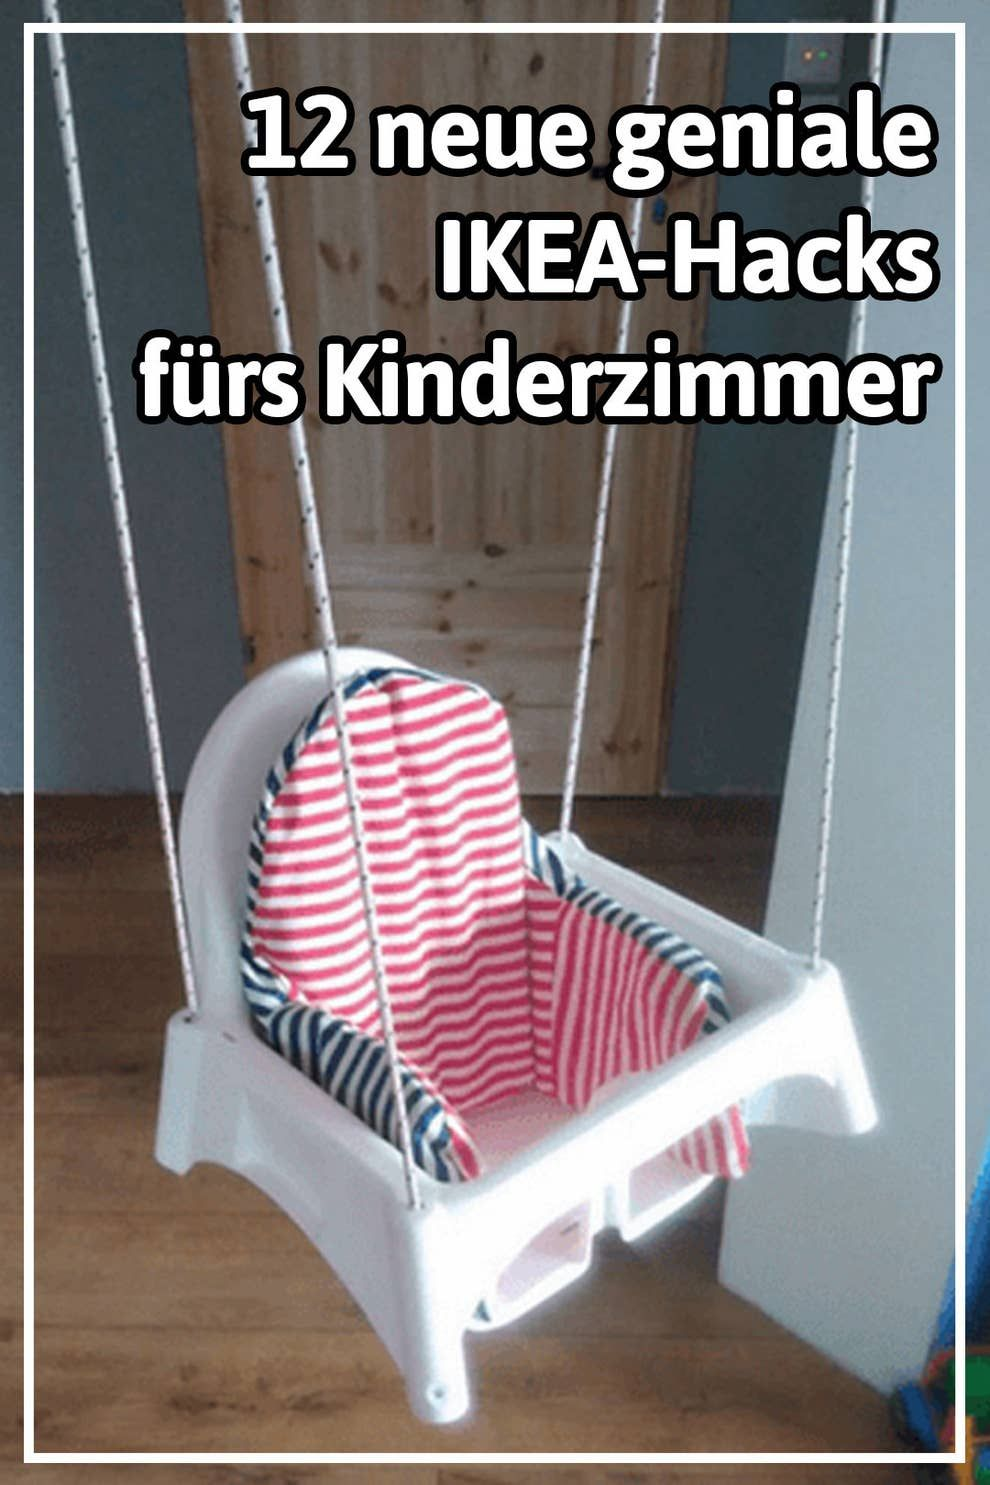 Photo of 12 neue geniale Ikea-Hacks, die jedes Kinderzimmer schöner und gemütlicher machen